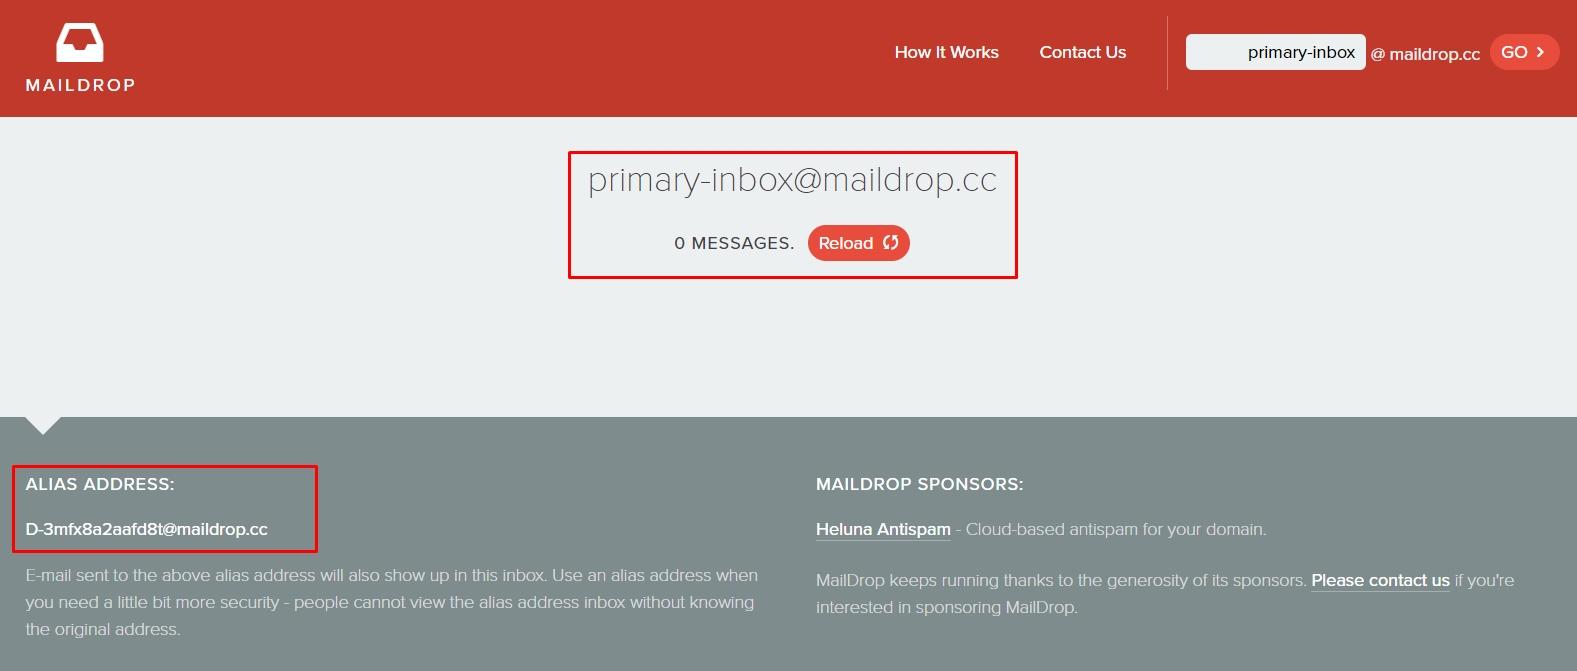 maildrop-inbox